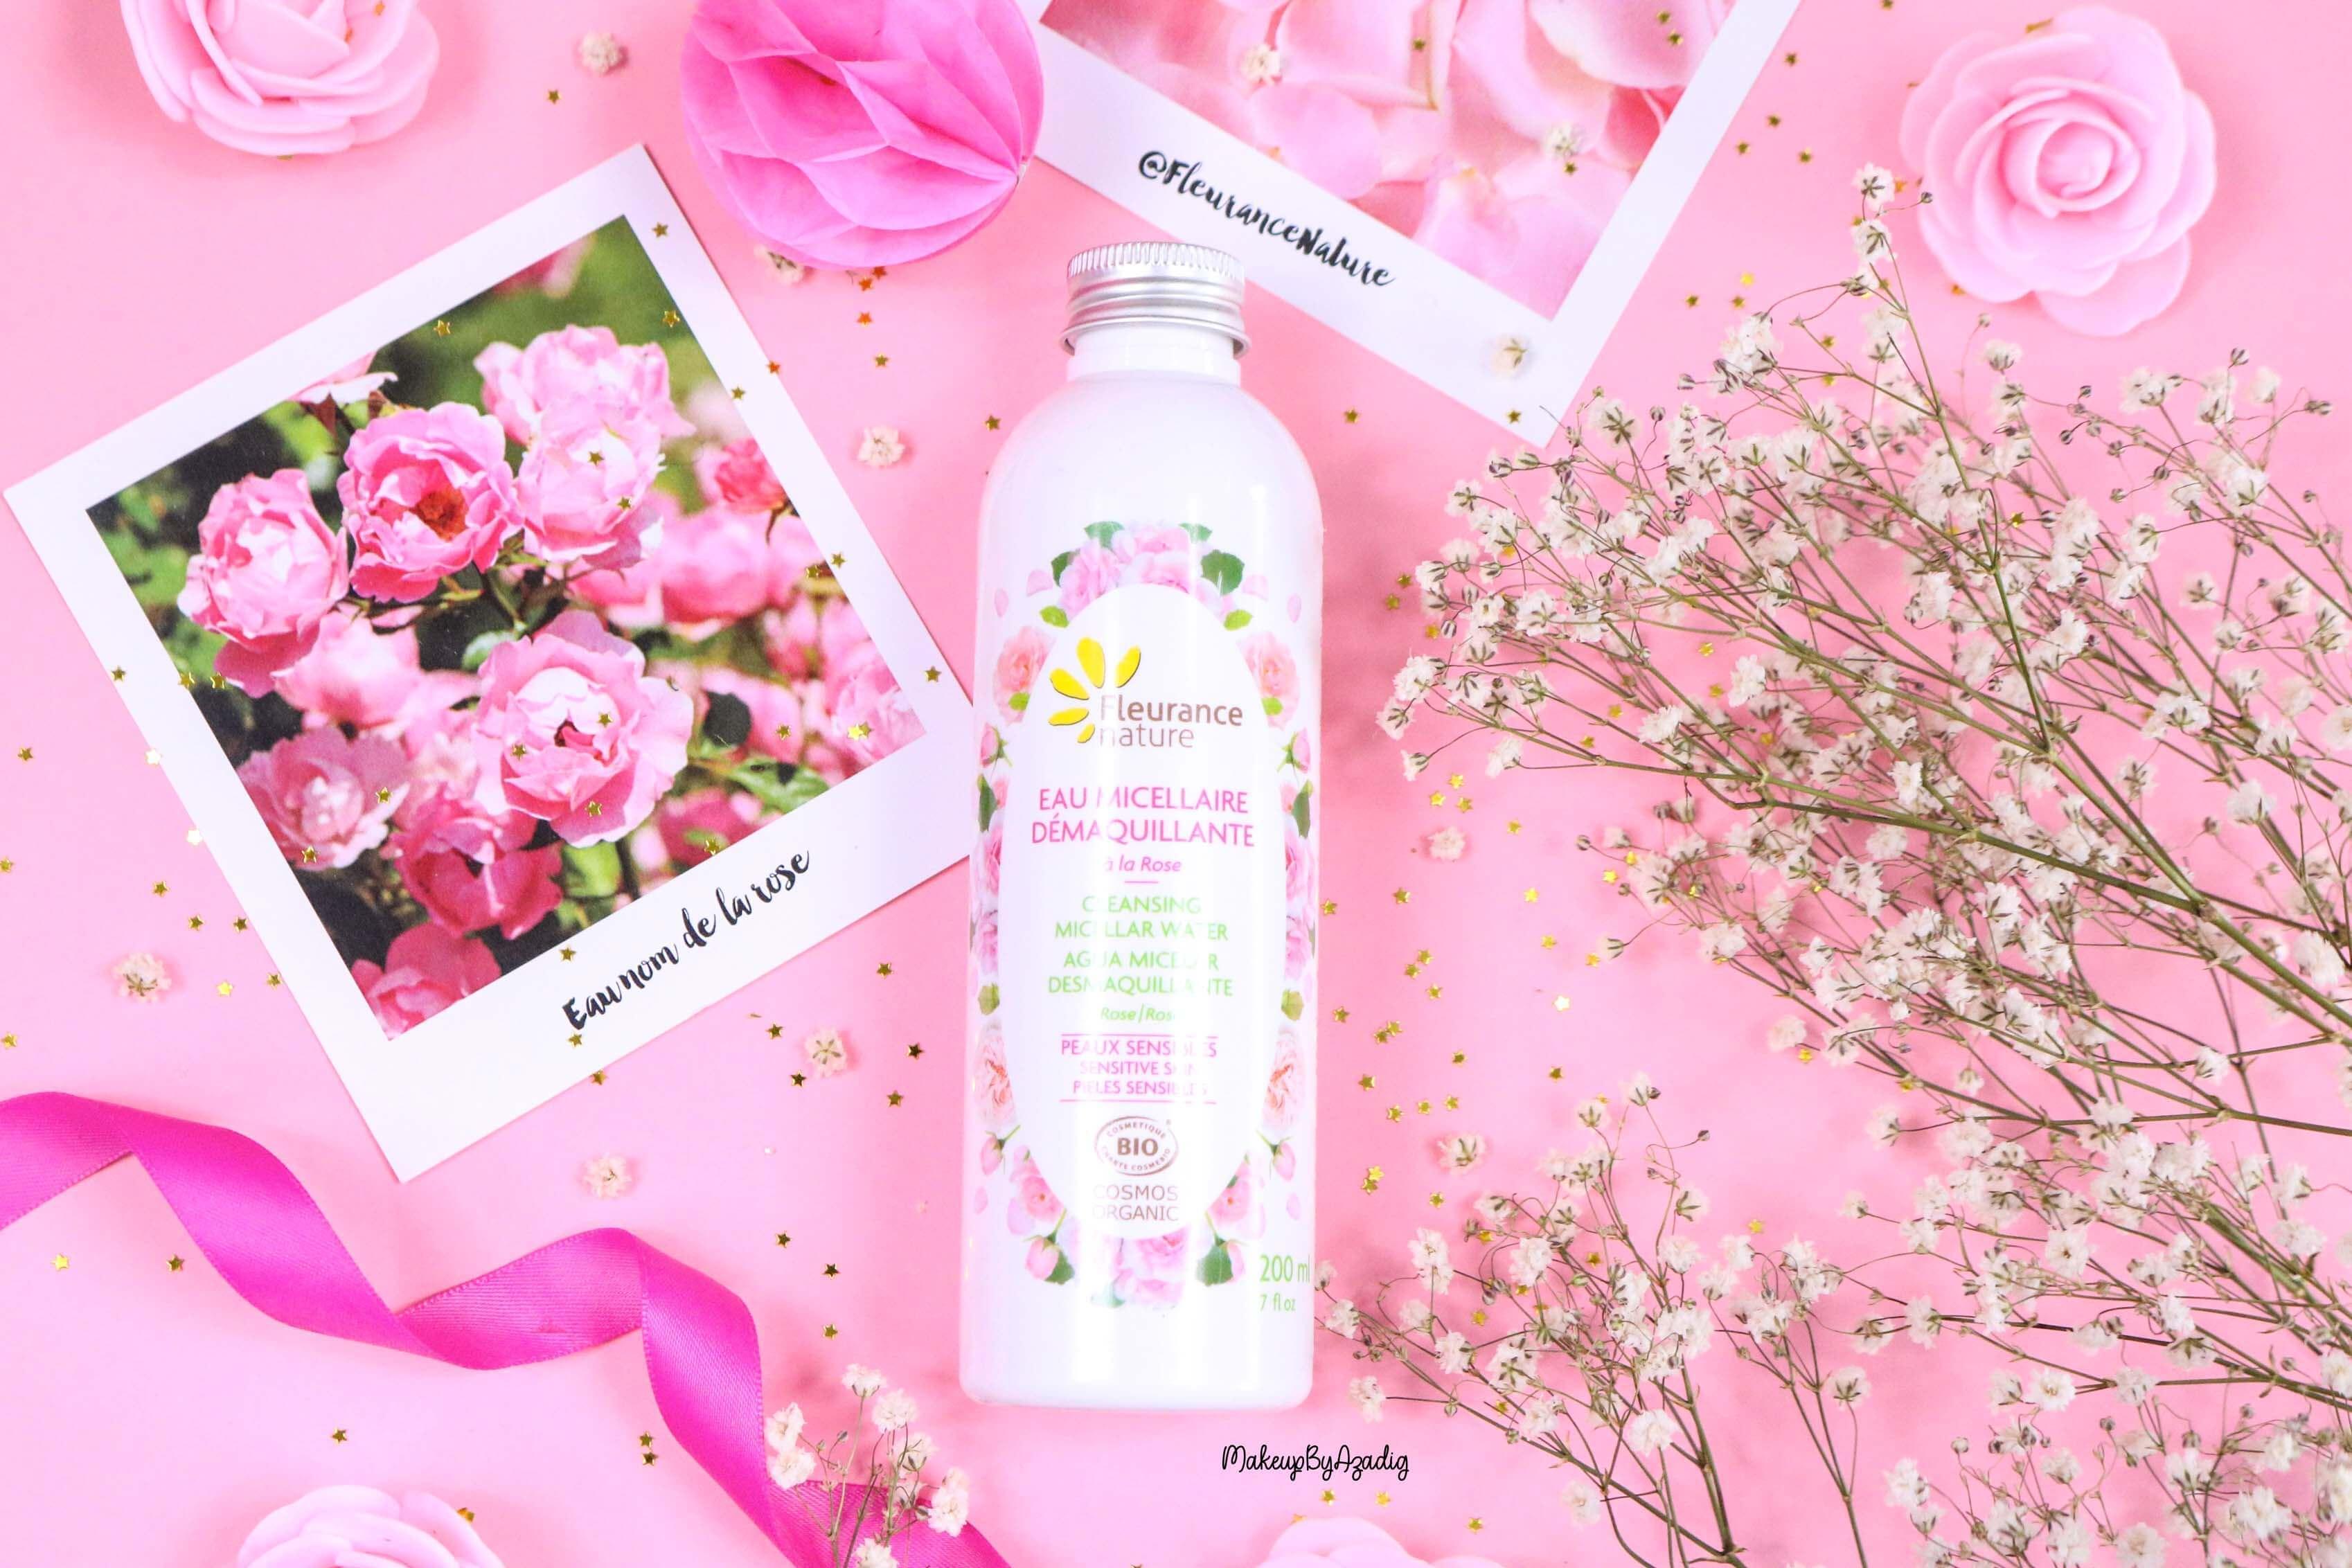 revue-eau-micellaire-demaquillante-eau-florale-rose-fleurance-nature-demaquillage-parfait-peau-acneique-makeupbyazadig-avis-prix-promo-meilleur